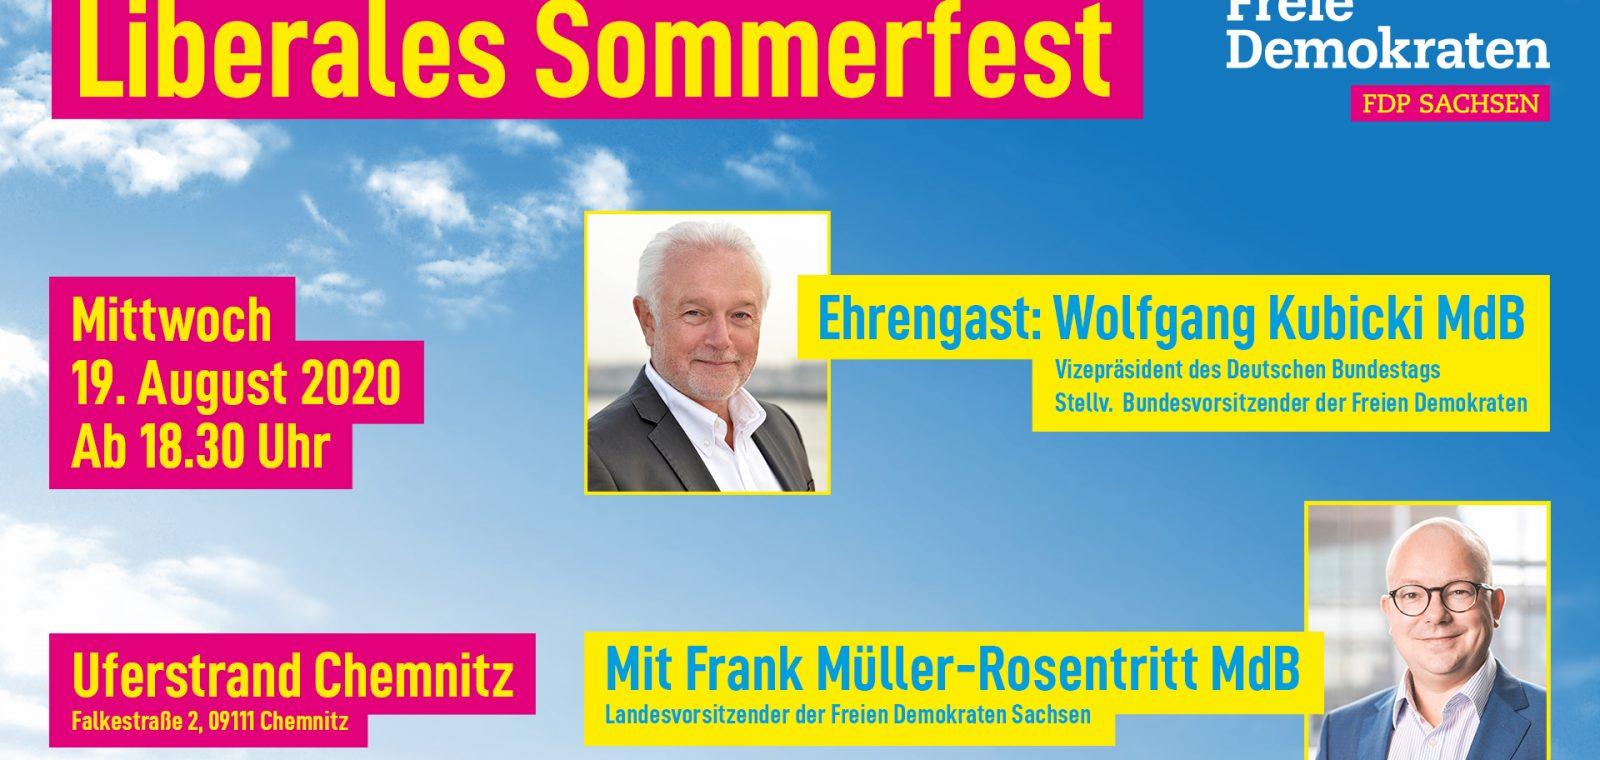 Sommerfest2020_FB_Veranstaltung